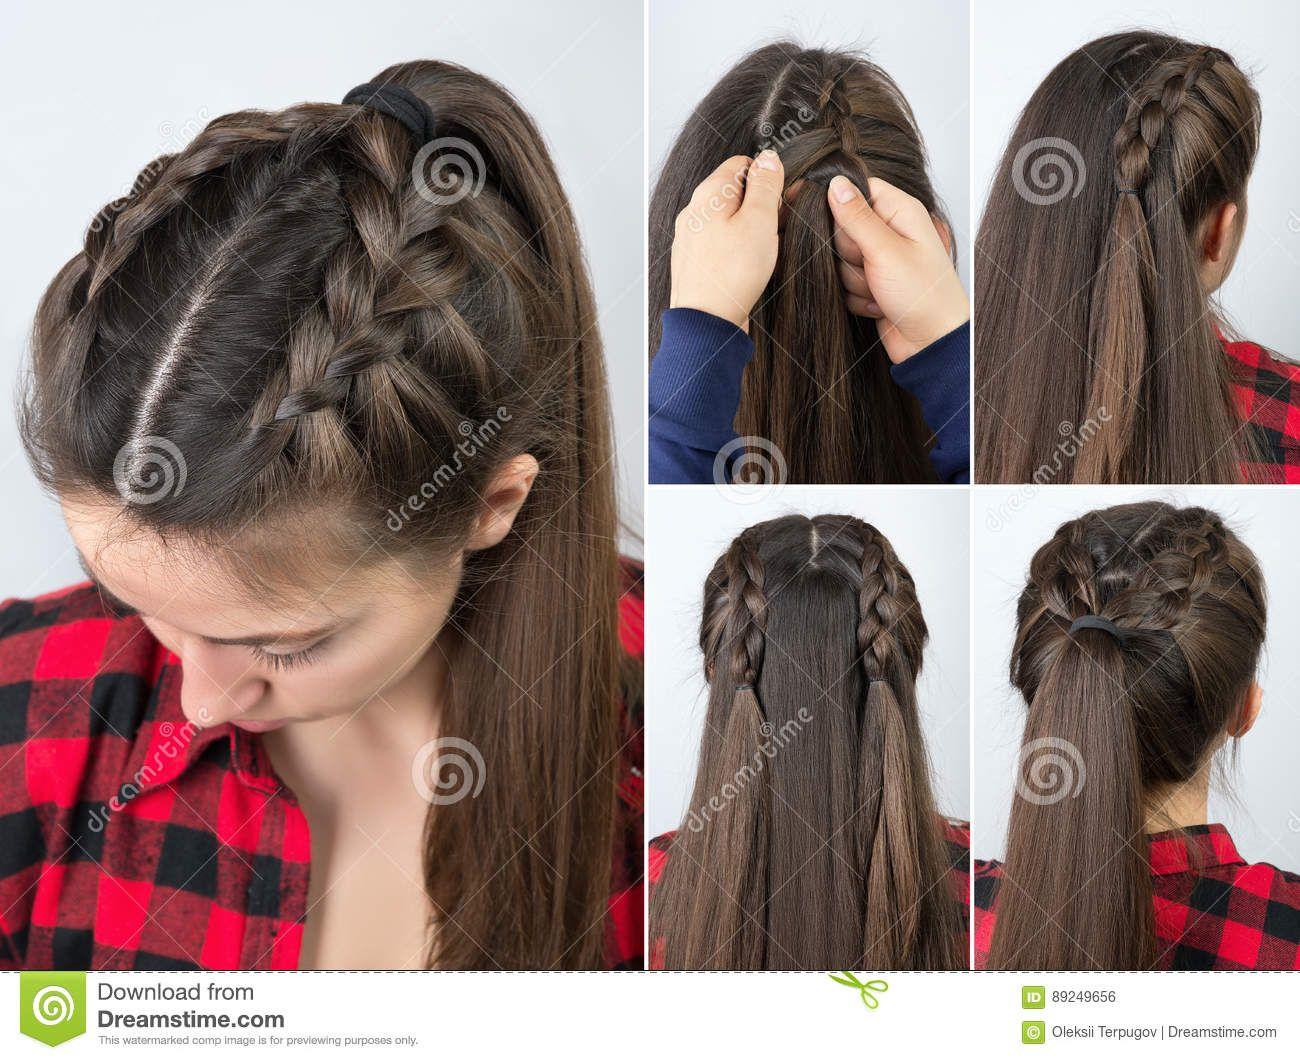 Cola De Potro Con Tutorial Del Peinado De La Trenza Foto De Archivo Braided Hairstyles Easy Braids For Long Hair Medium Hair Styles